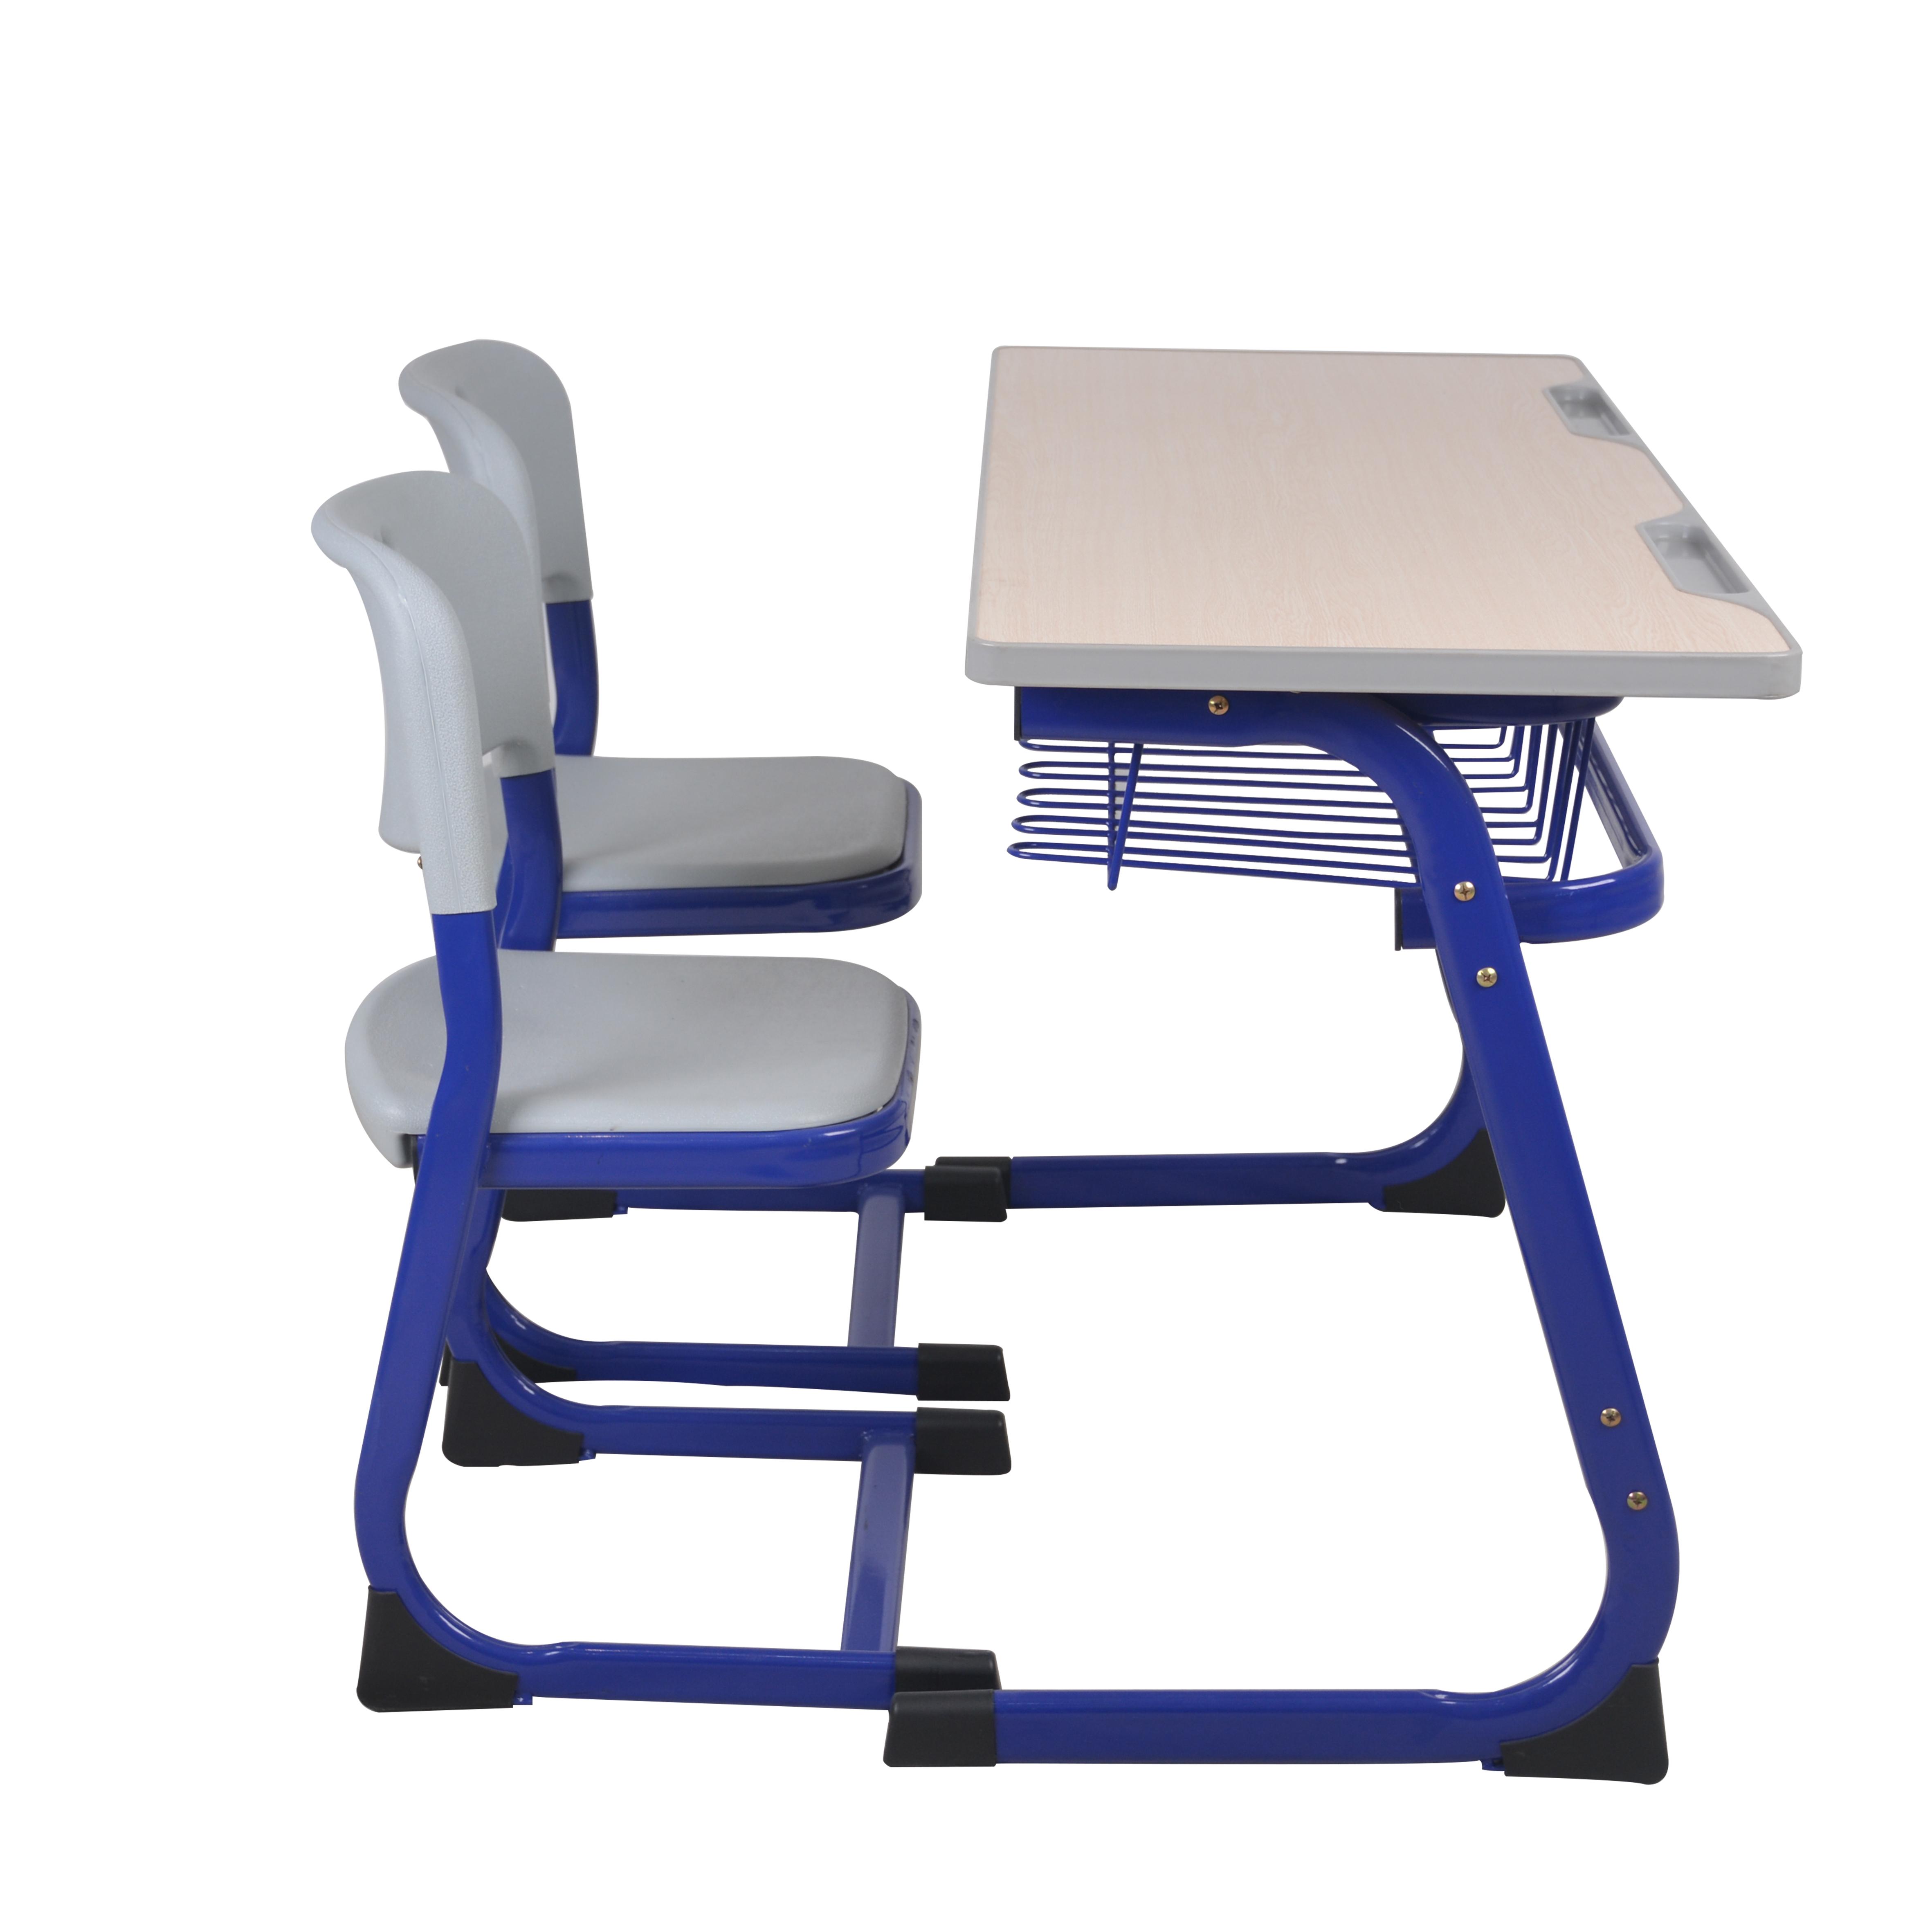 Высококачественная двухместная мебель для начальной школы, школьный стол и стул